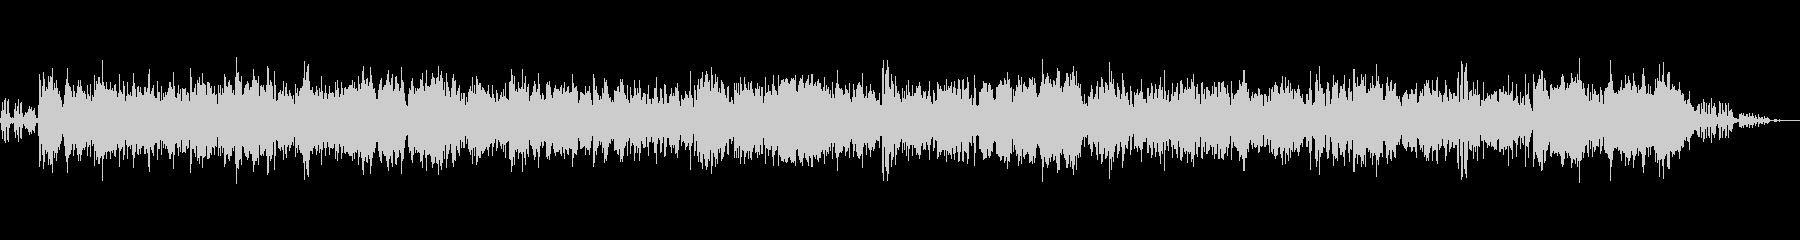 ハワイアンジャズバンドと鳥の声(環境音)の未再生の波形